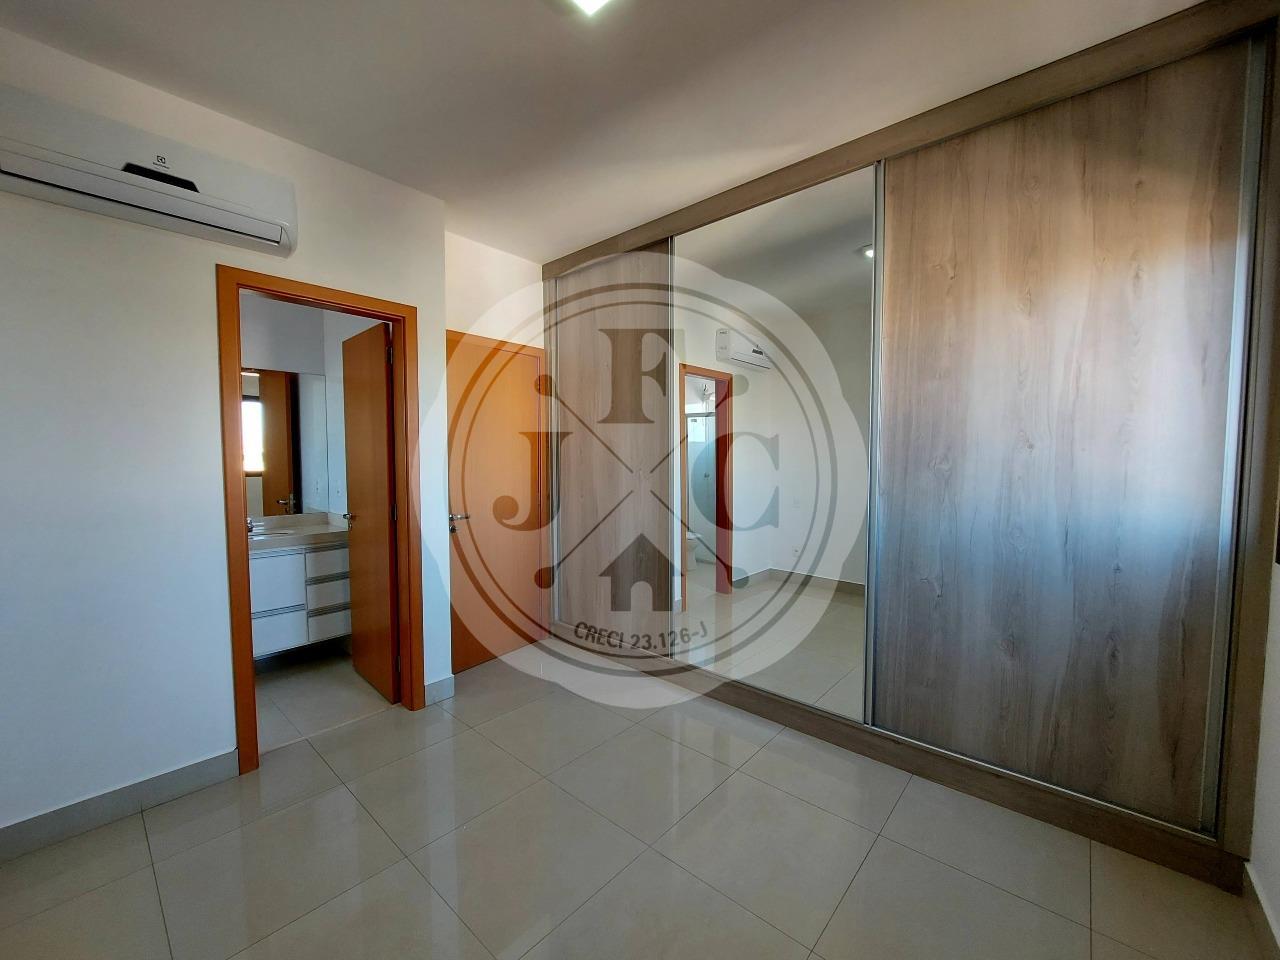 Apartamento para aluguel no Jardim Irajá: Suíte com ar